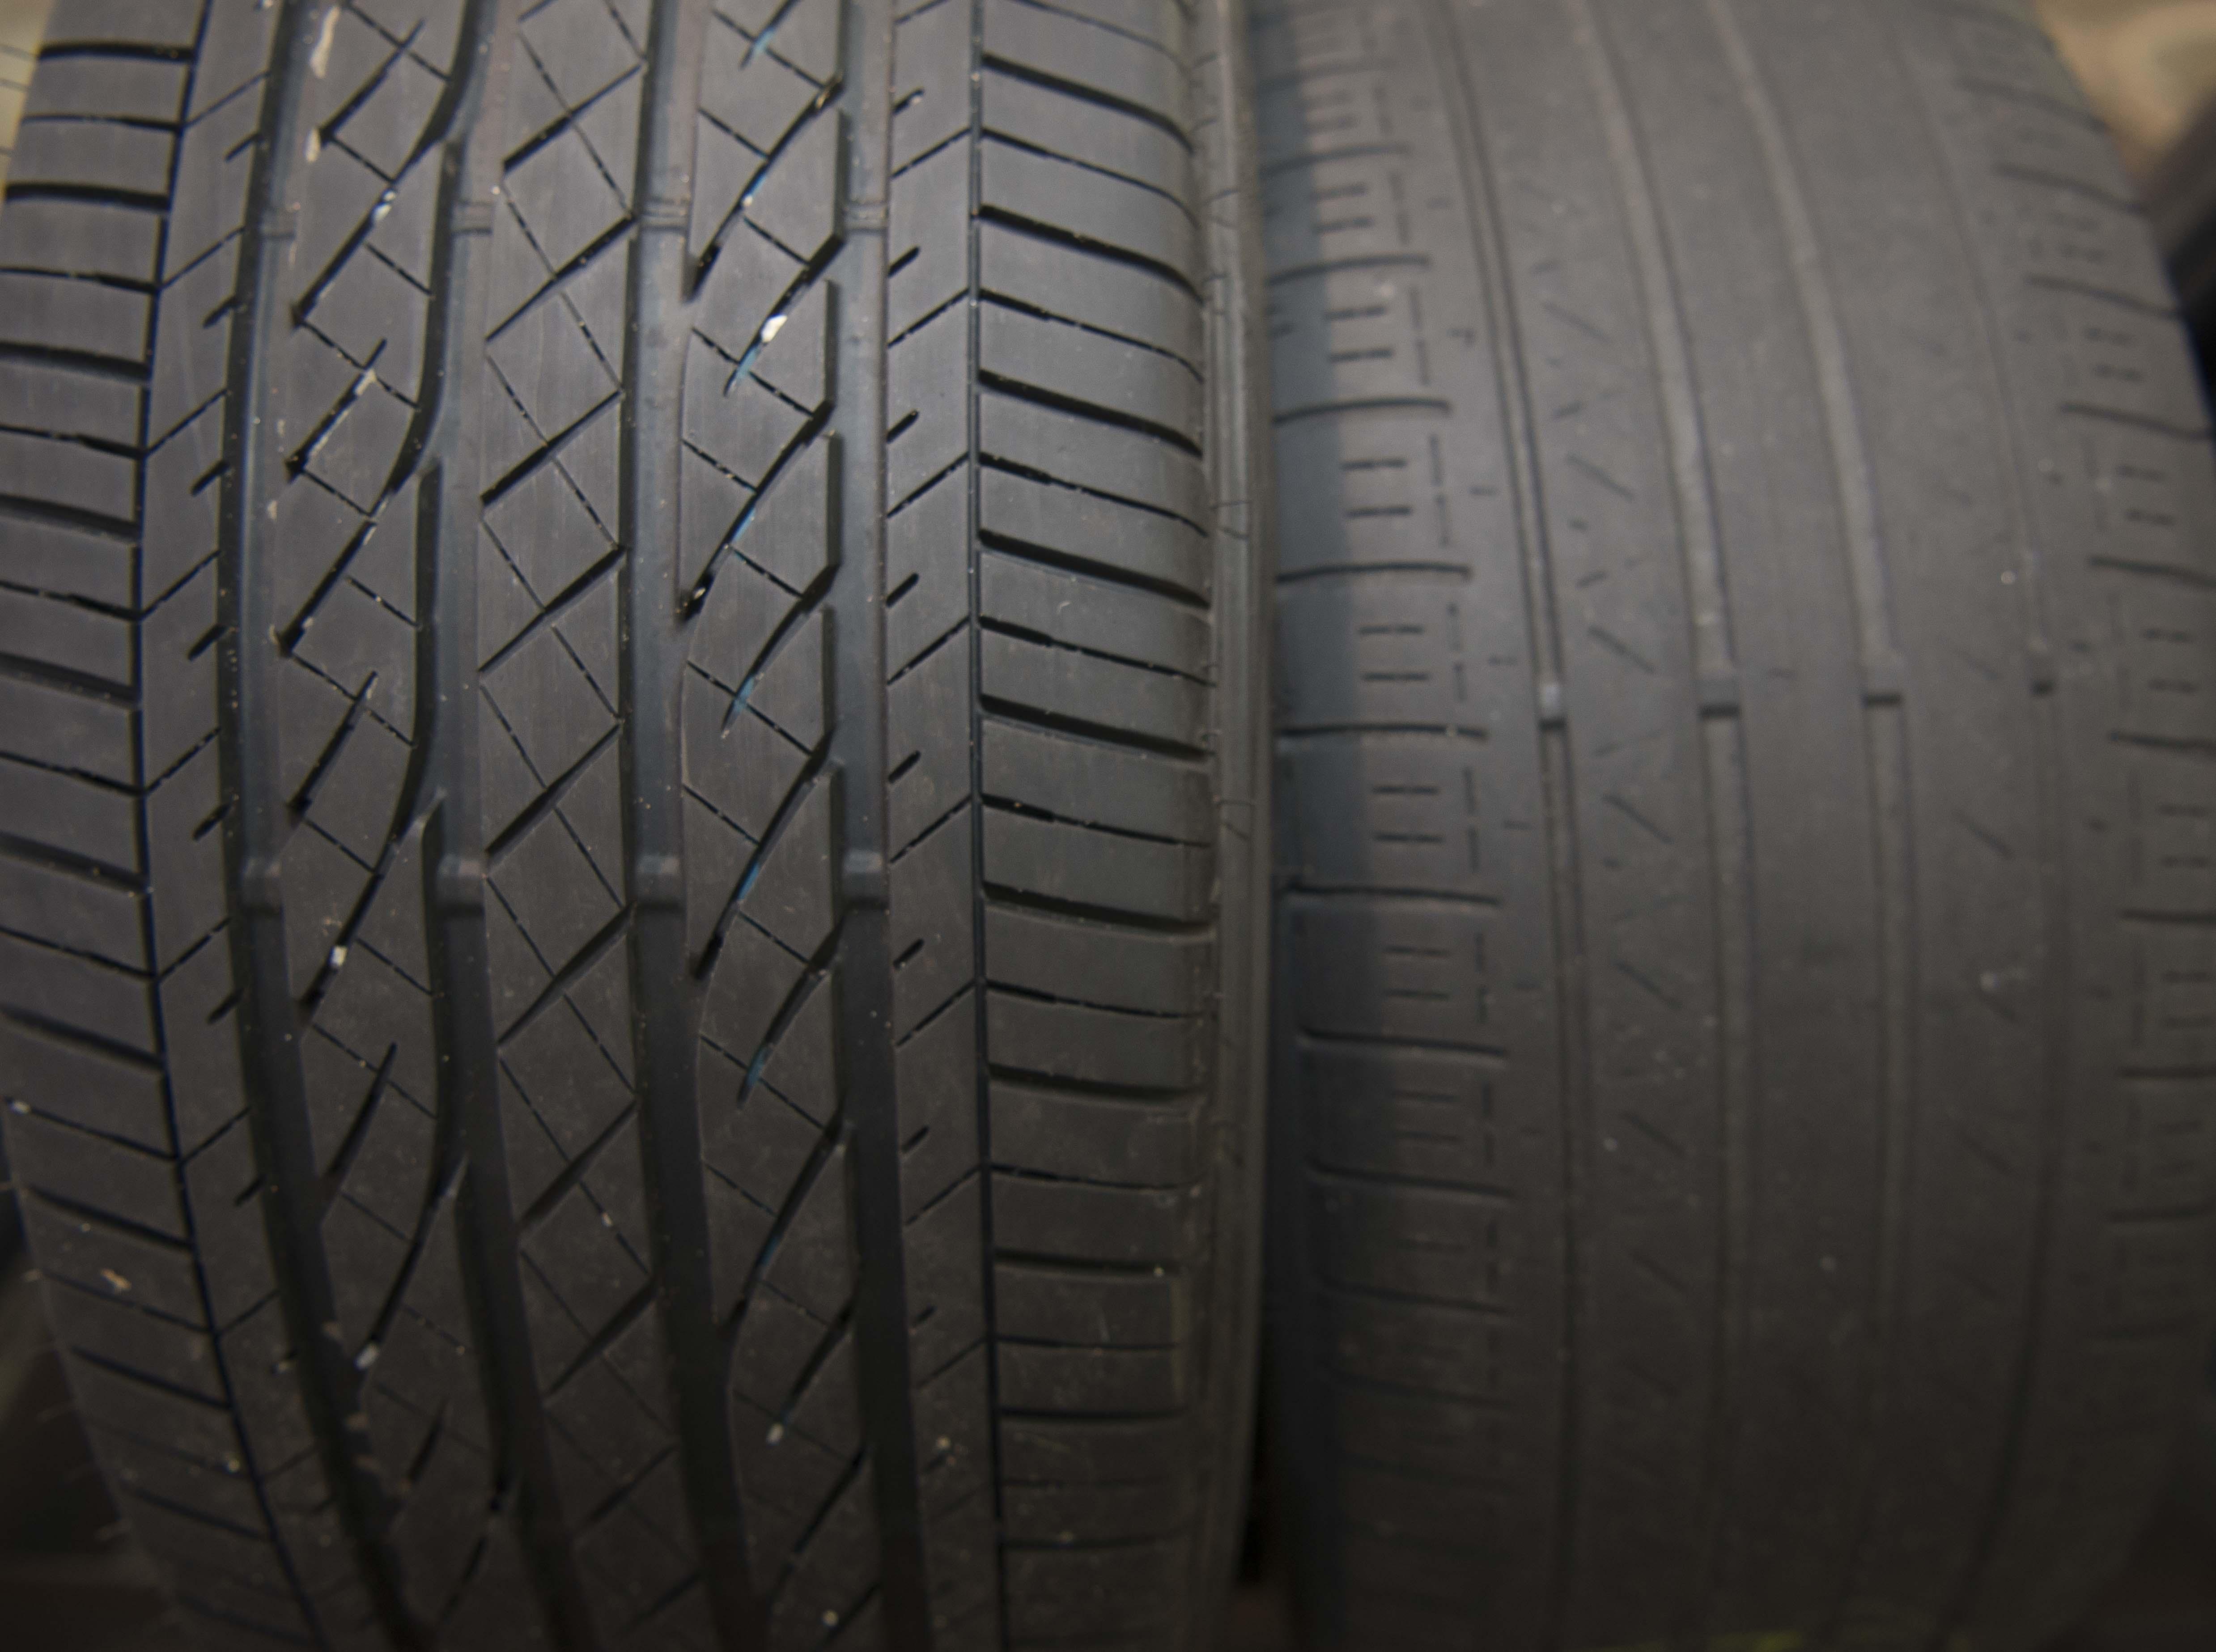 Víte, jaká je zákonem předepsaná minimální hloubka vzorku pneumatik?